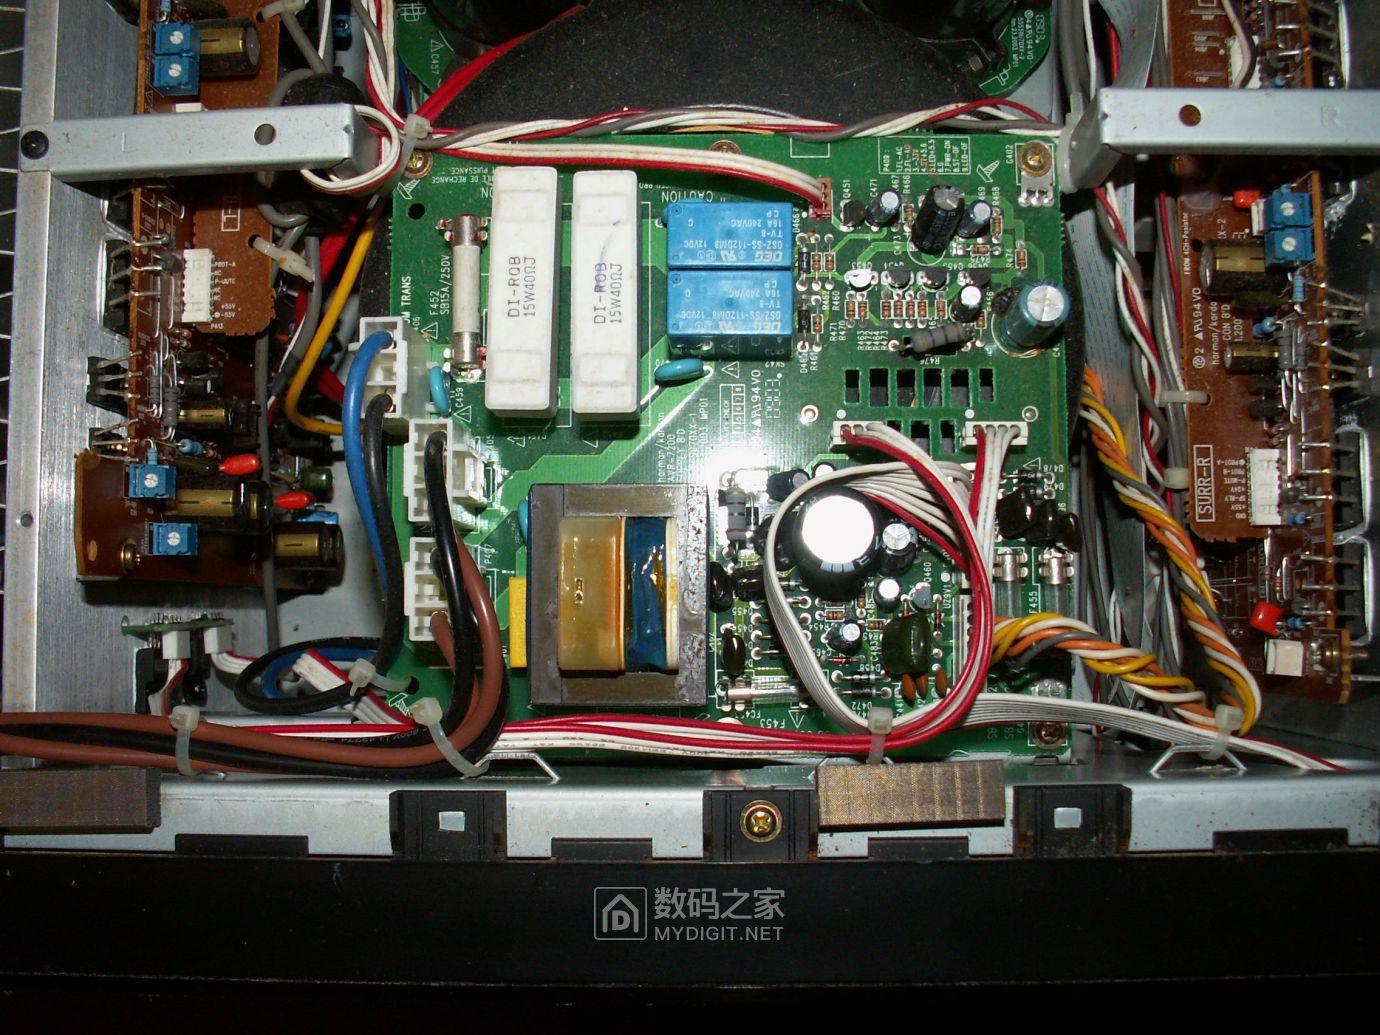 【热点】维修利利普OWON-SDS8102V示波器旋钮失灵,拆机更换全部编码器 数码拆机百科 第27张